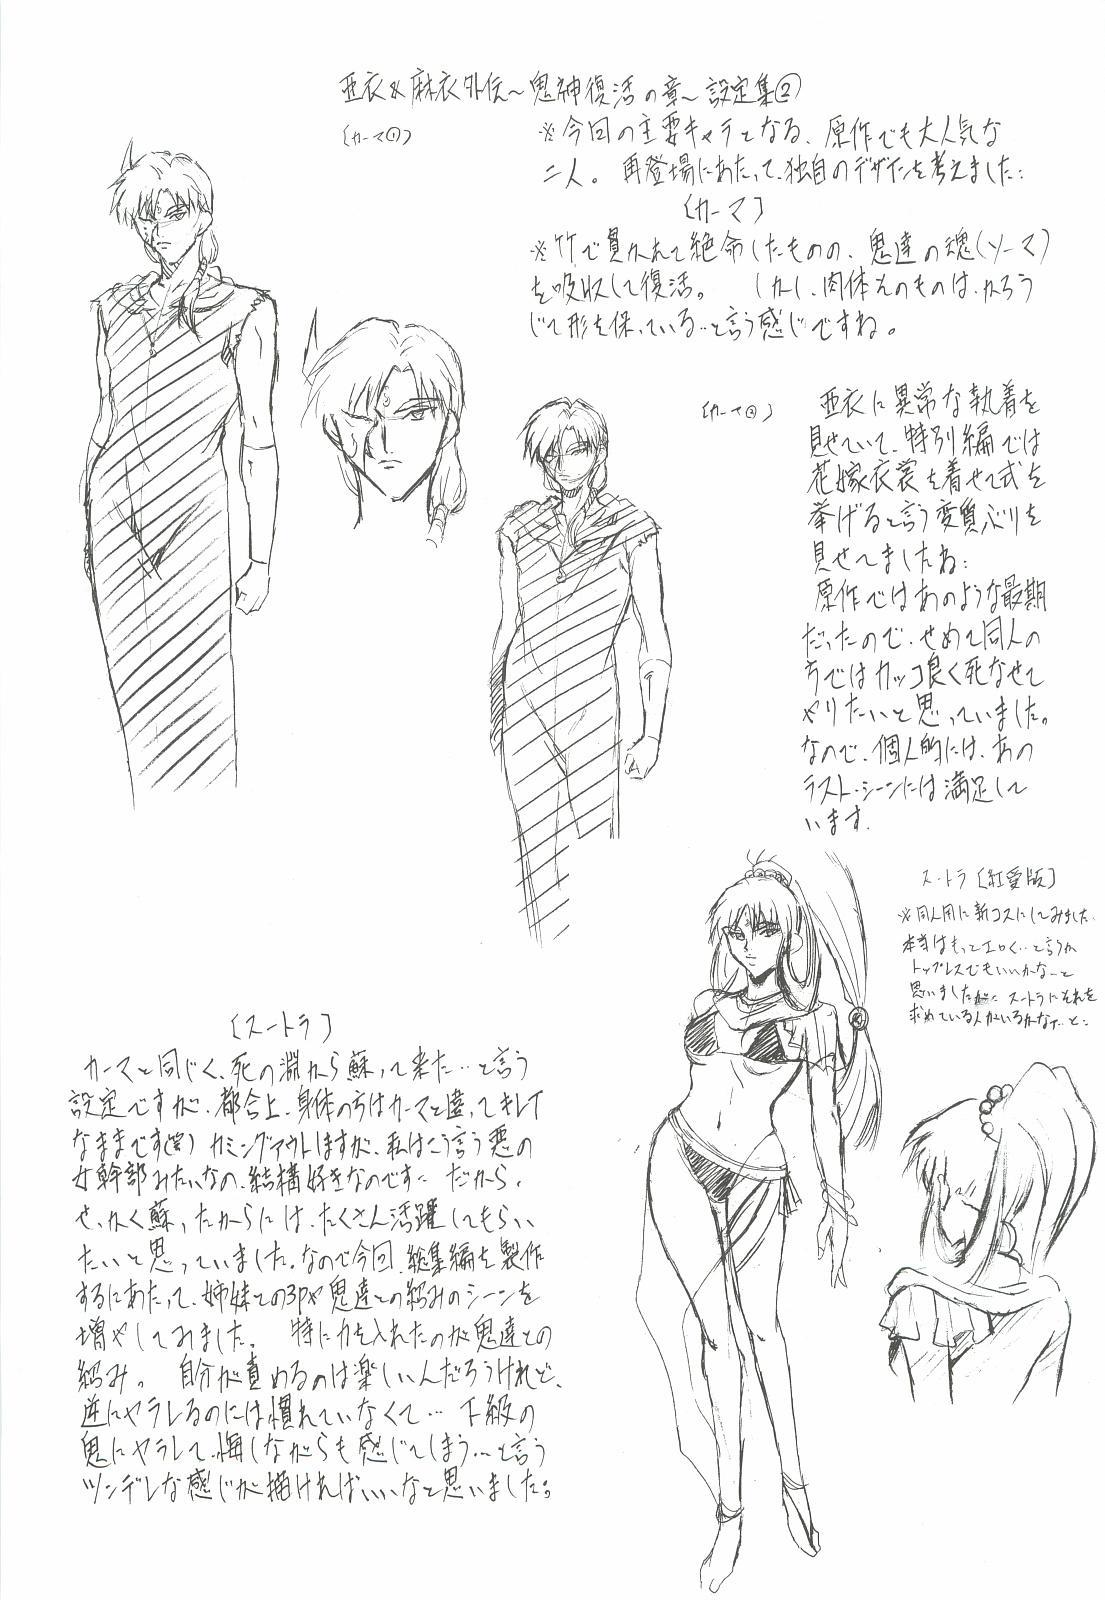 Ai & Mai Gaiden - Kishin Fukkatsu no Shou 149